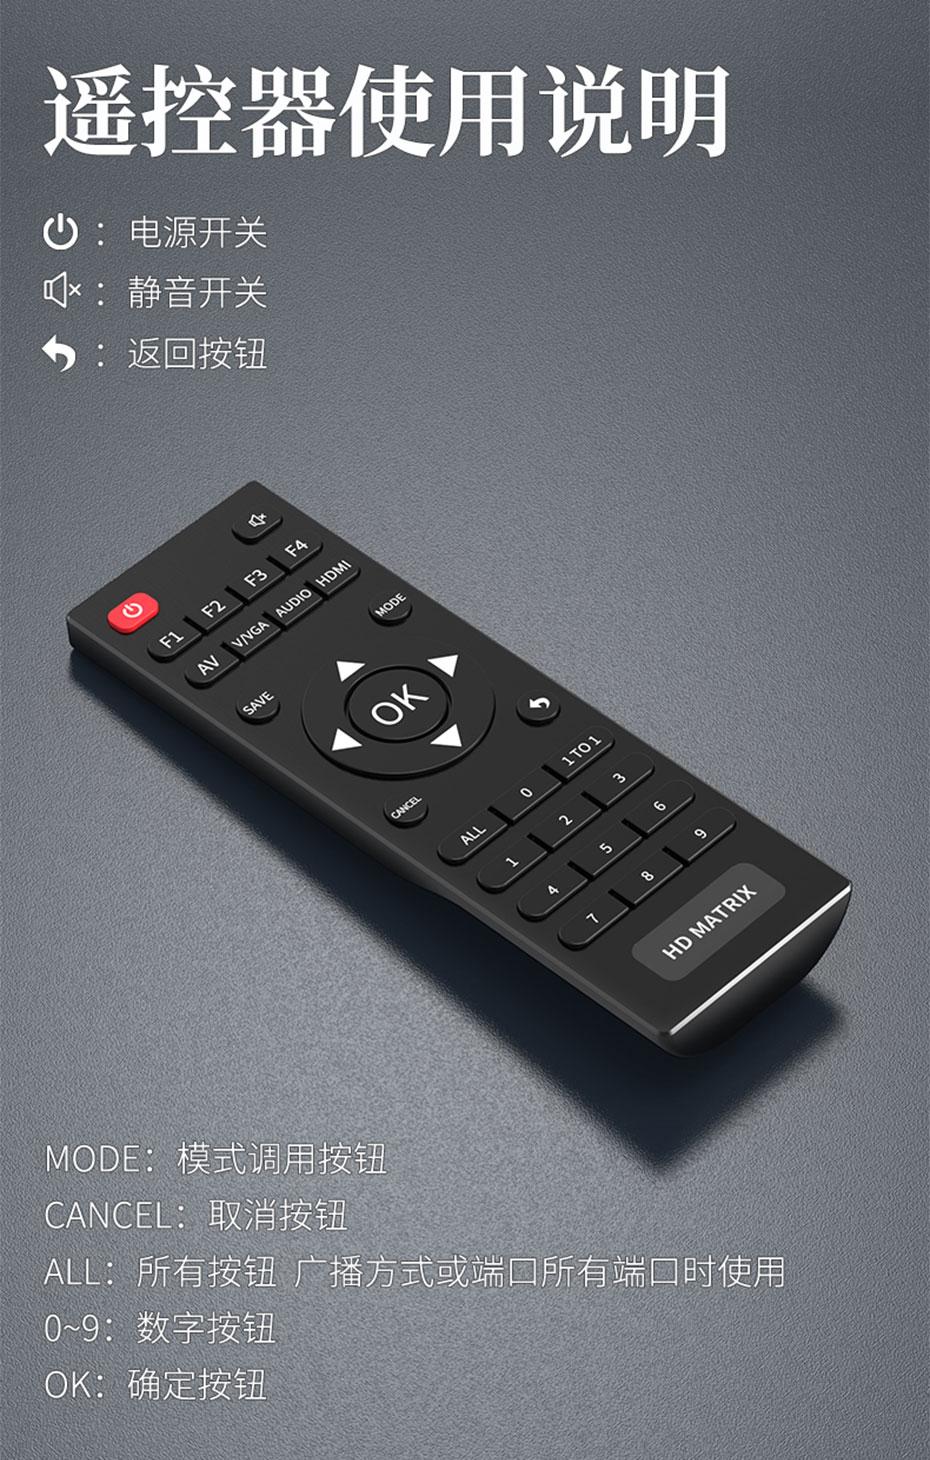 VGA矩阵拼接屏控制器8进8出V818A遥控器使用说明